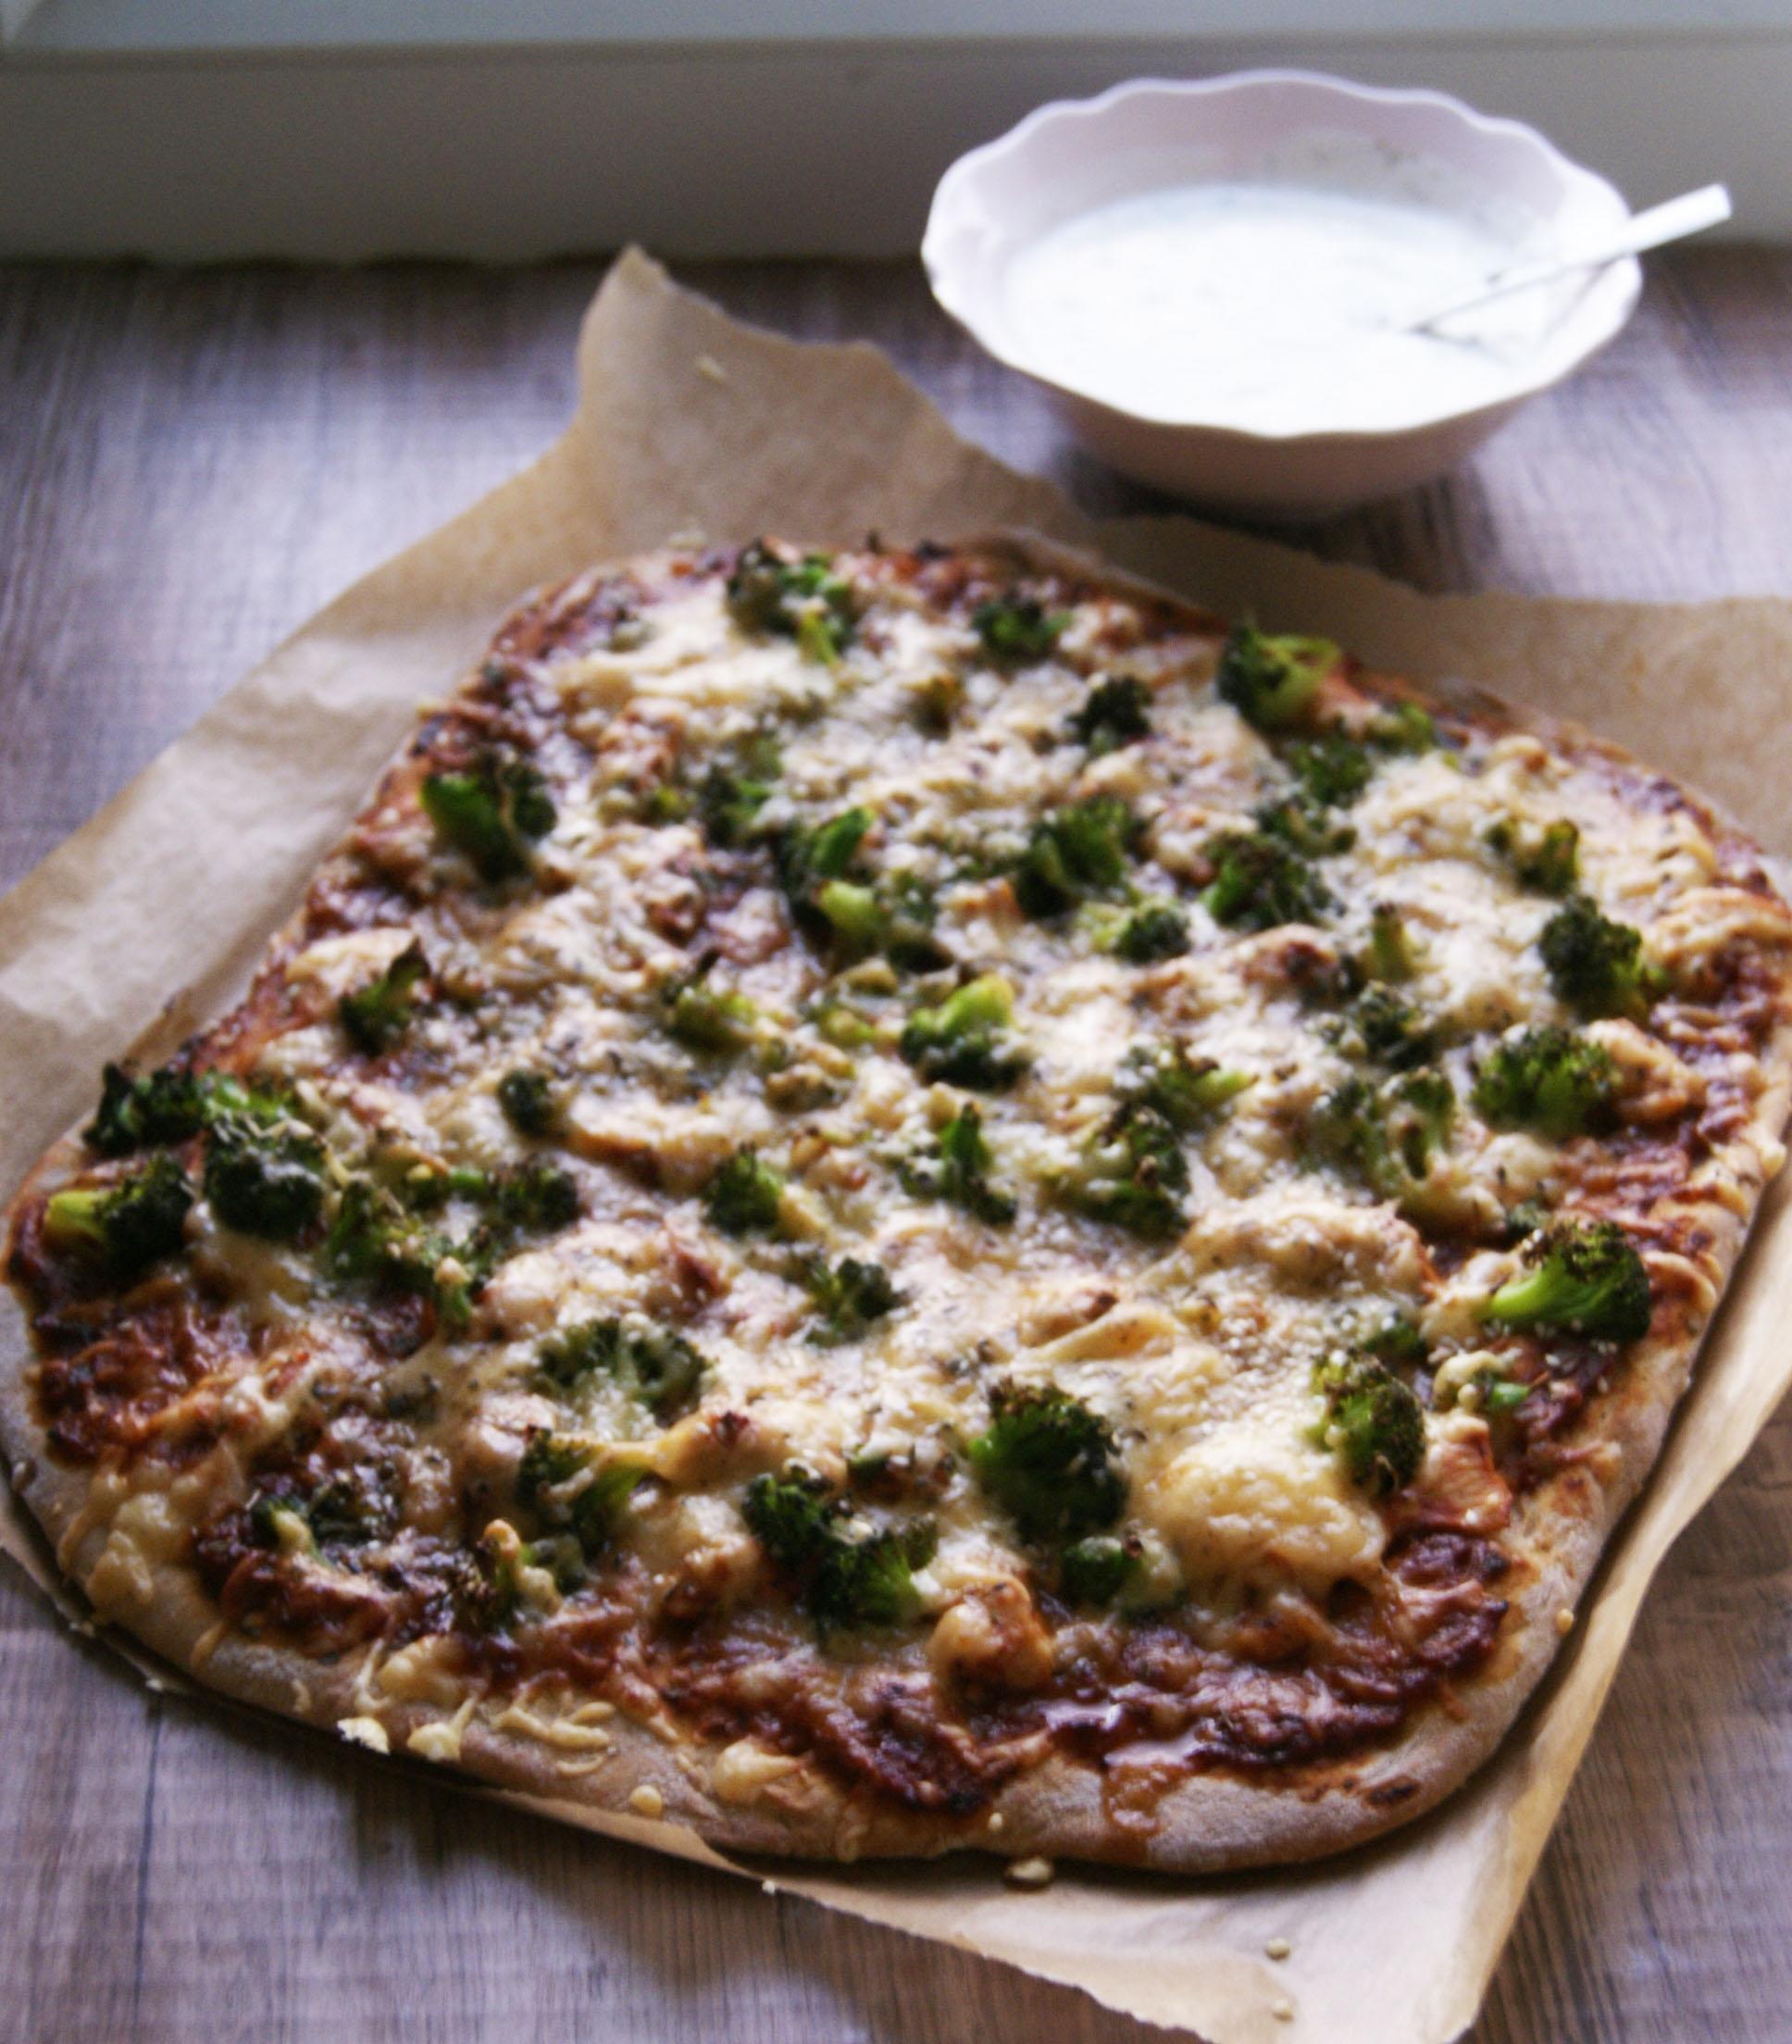 pelnoziarnista-pizza-z-kurczkiem-i-brokulami